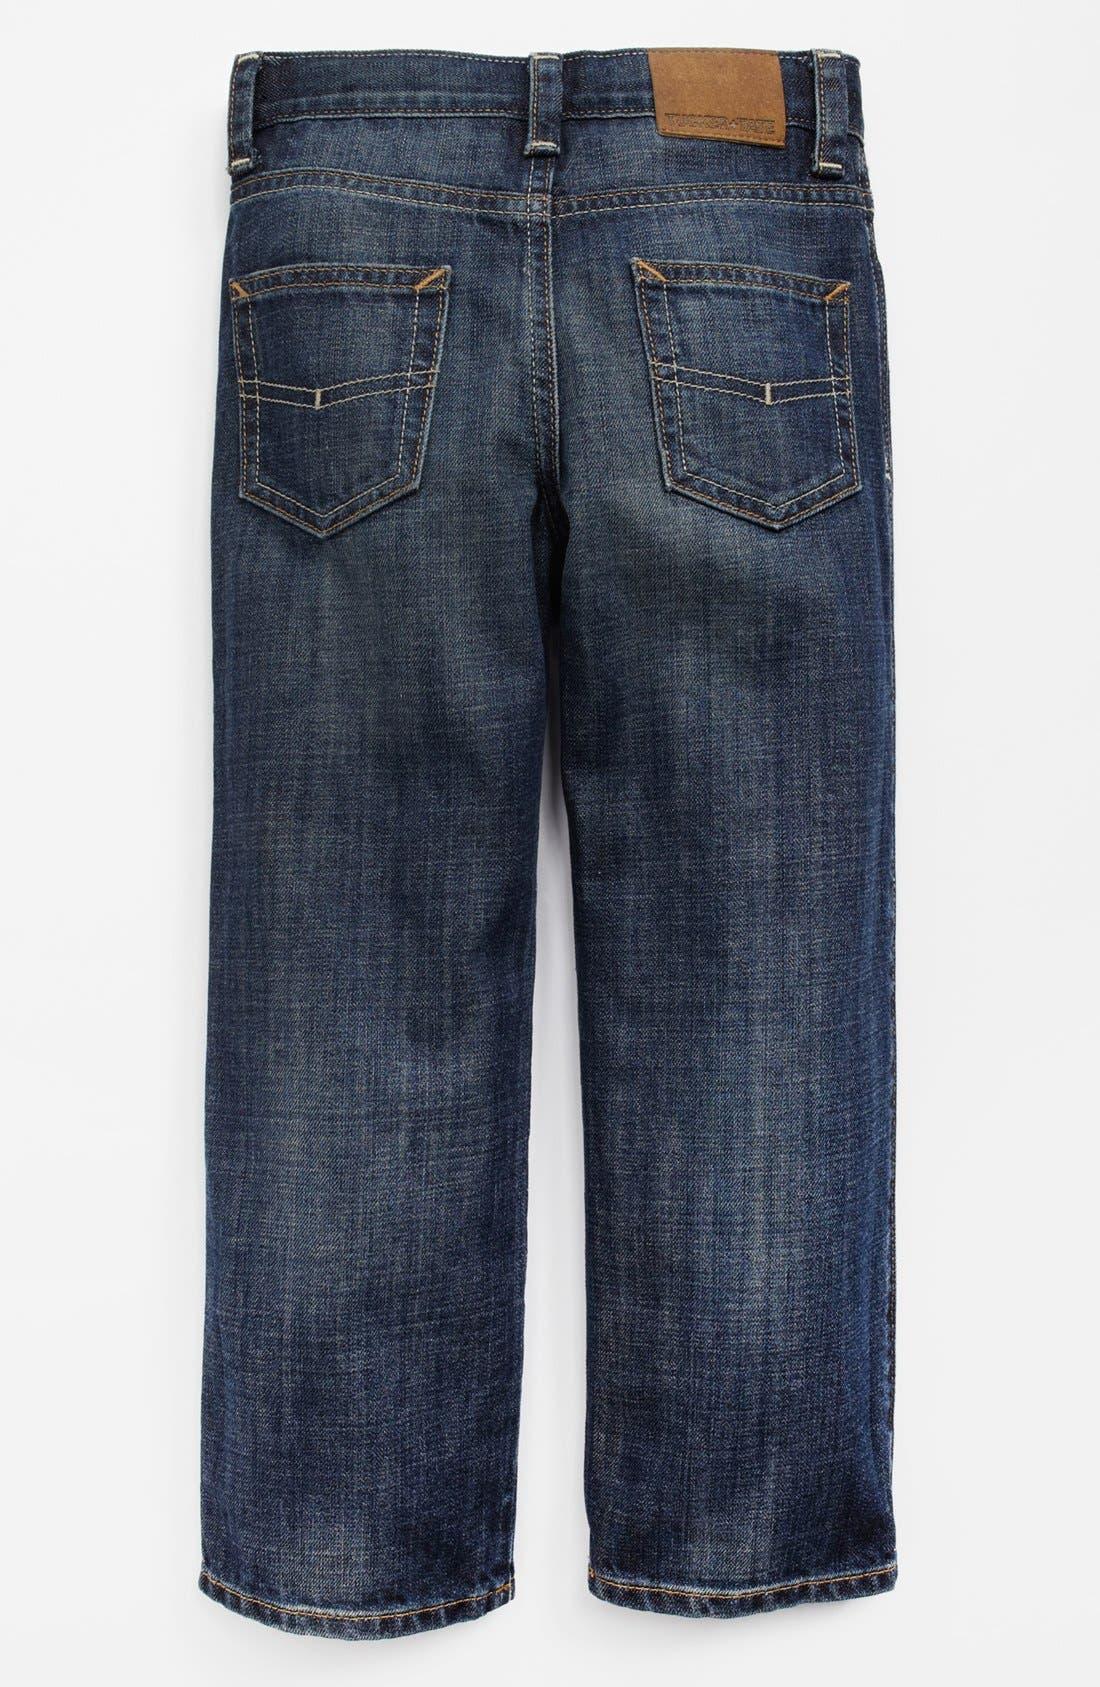 Alternate Image 1 Selected - Tucker + Tate 'Tucker' Straight Leg Jeans (Little Boys)